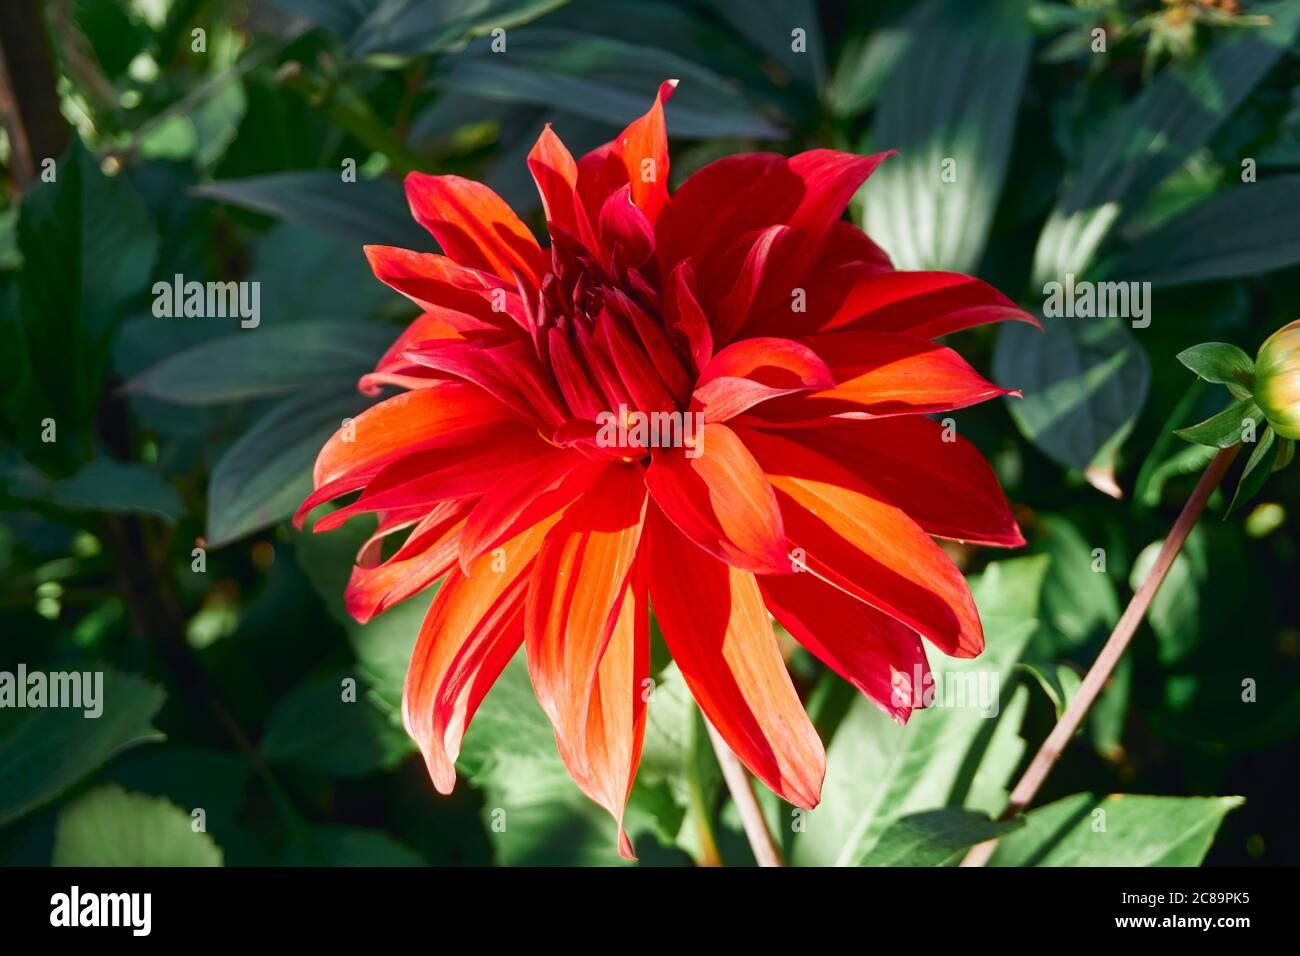 red-flower-2C89PK5.jpg